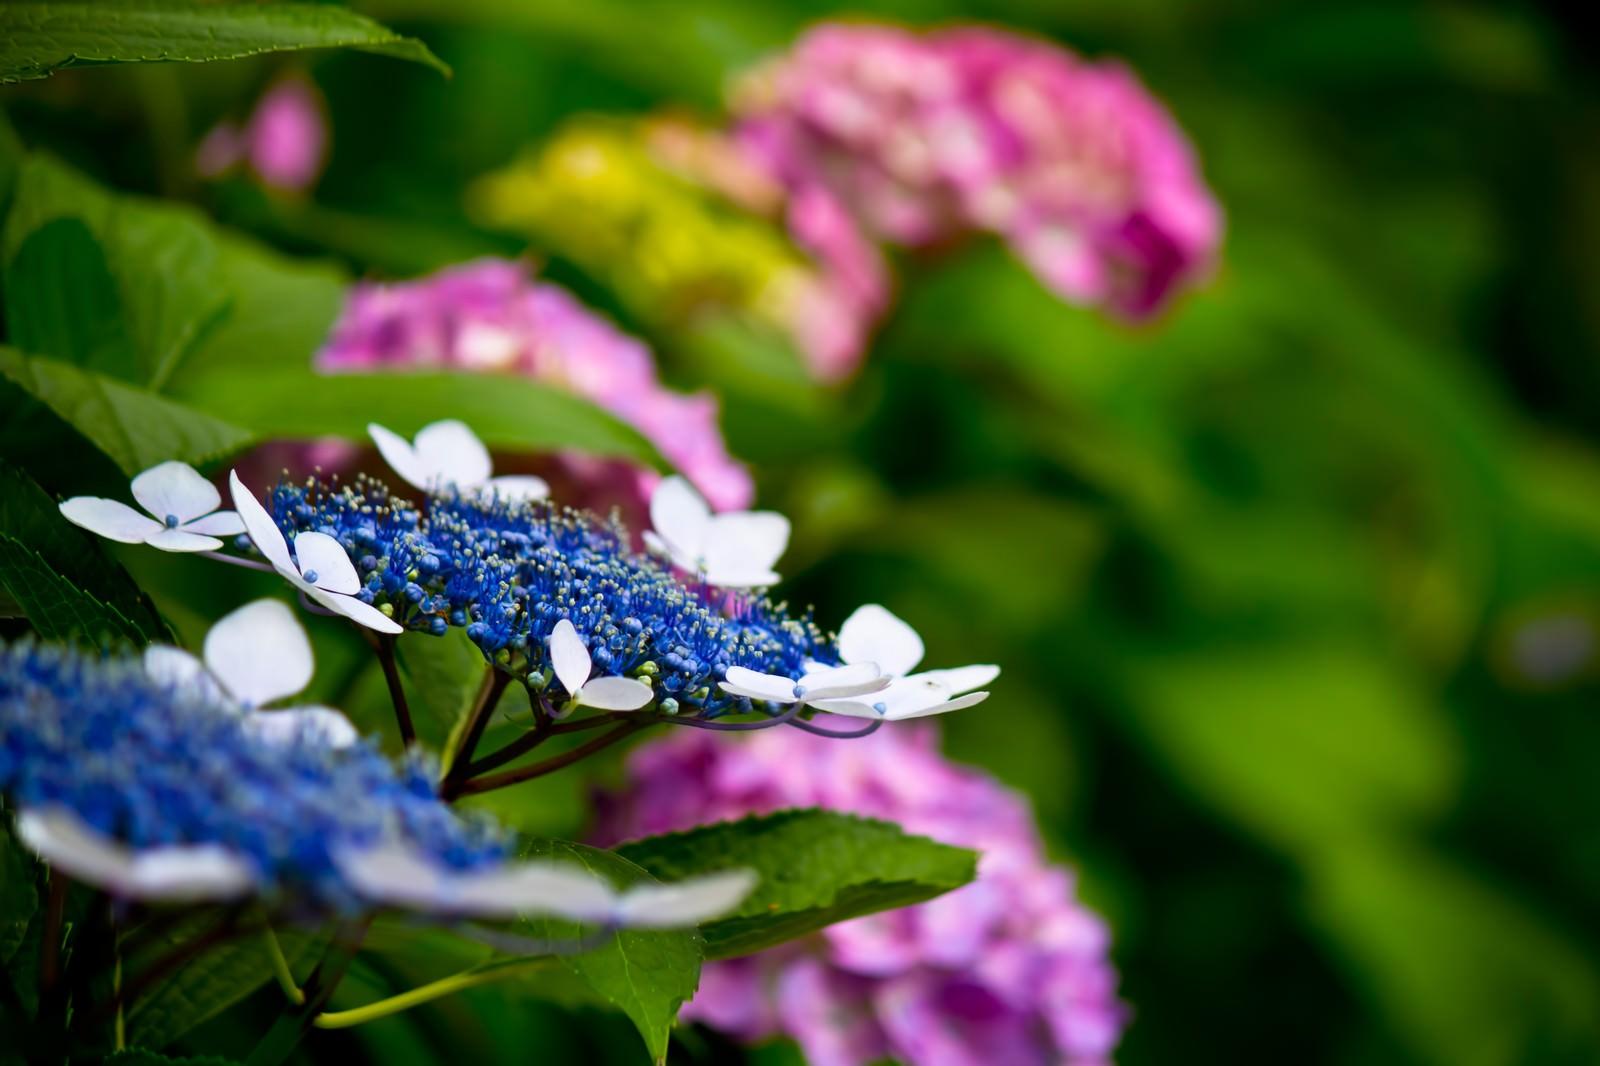 「青とピンク色のアジサイ青とピンク色のアジサイ」のフリー写真素材を拡大